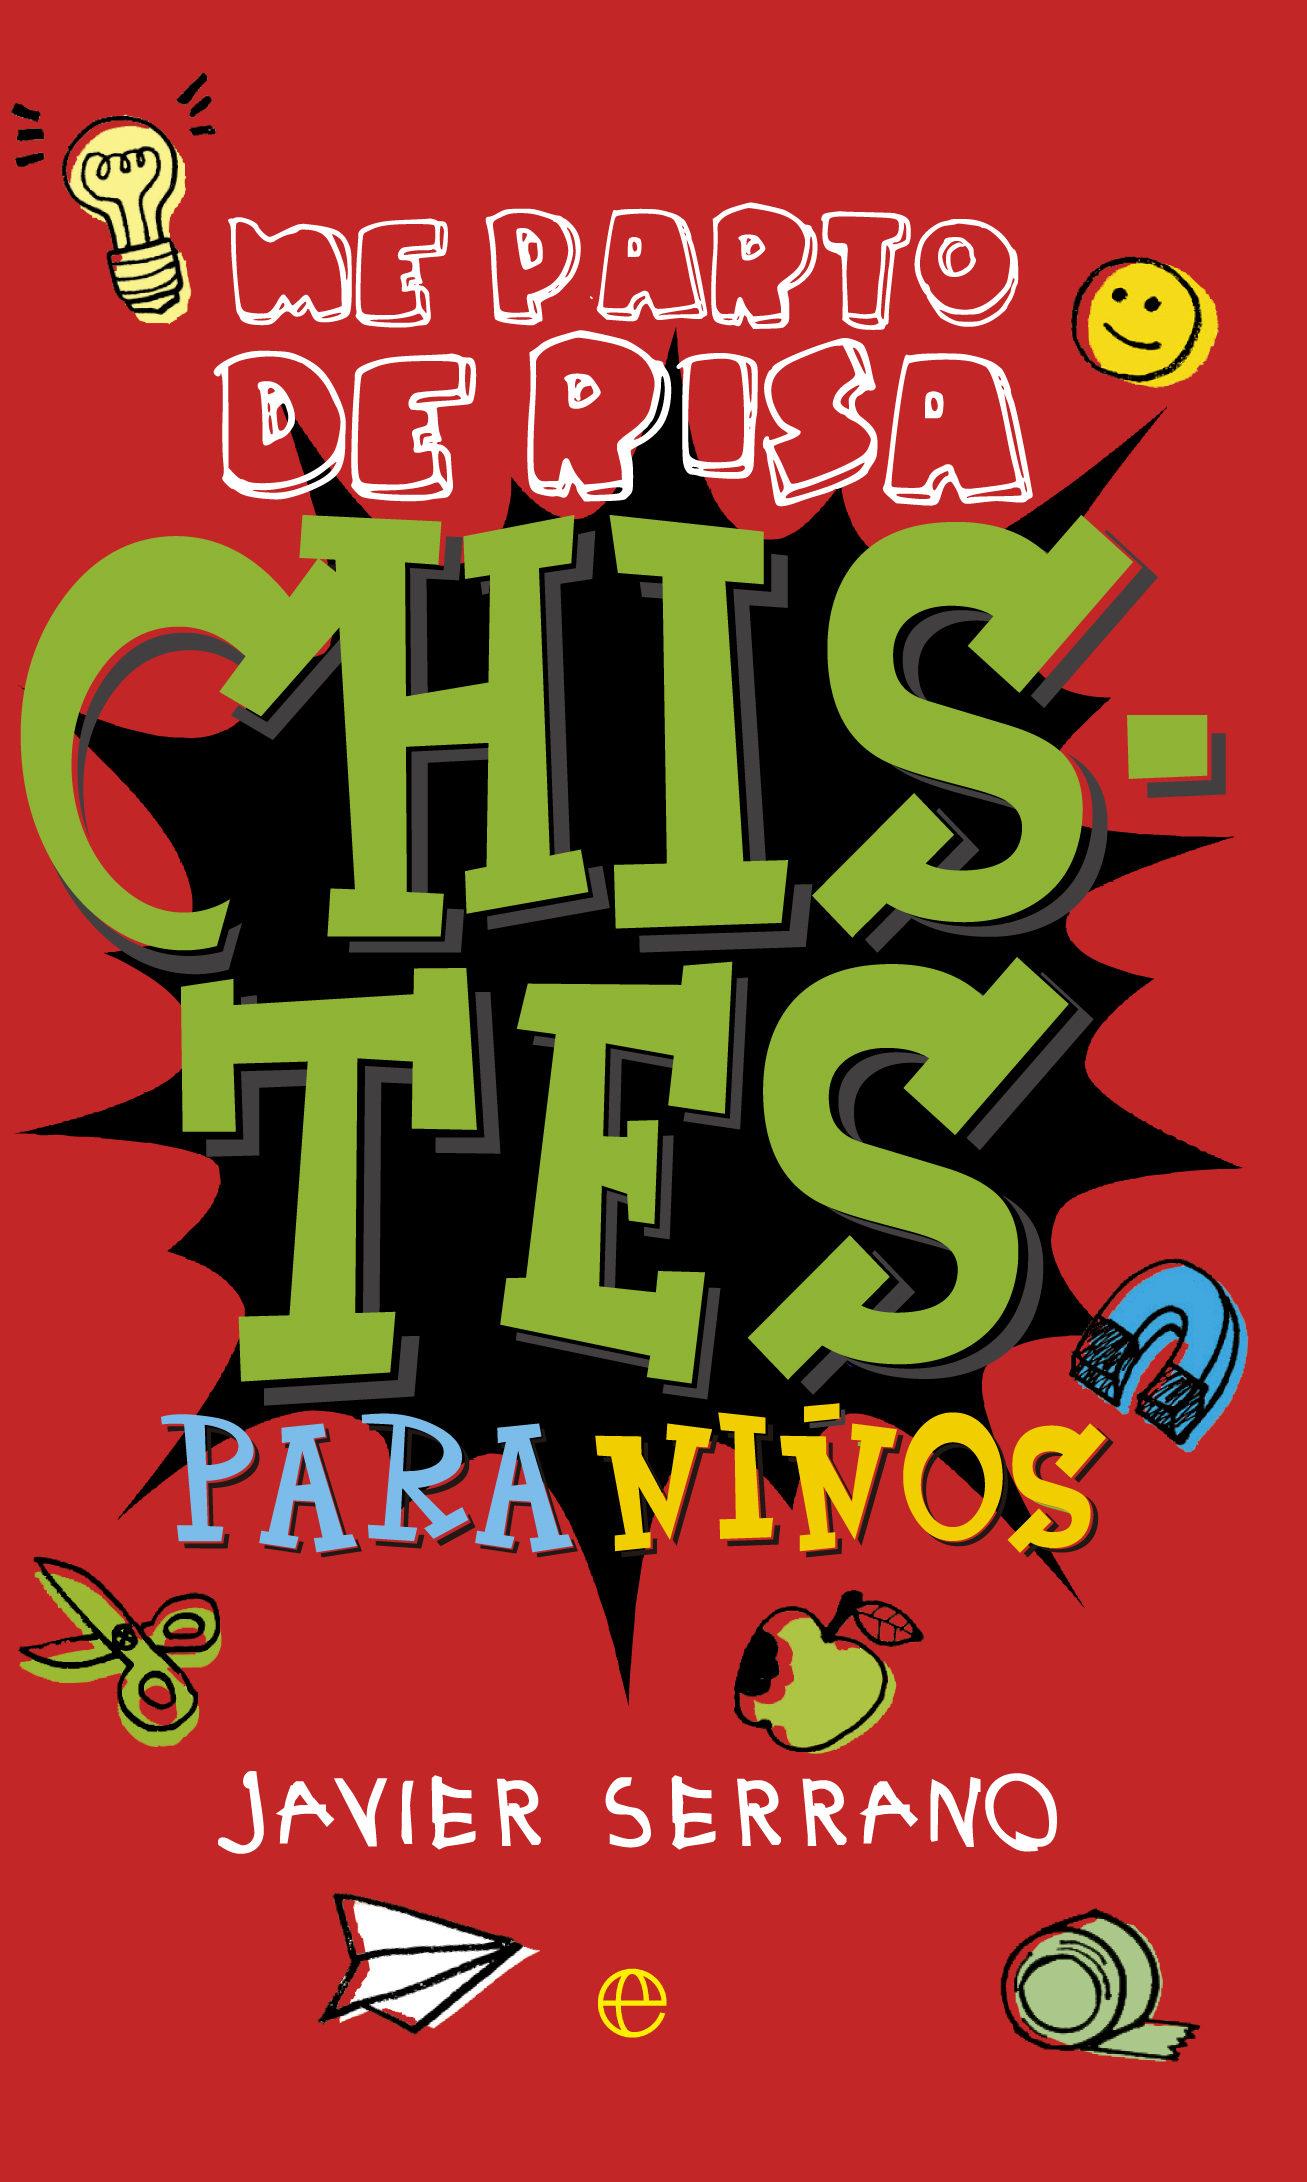 Chistes para niños (ebook)